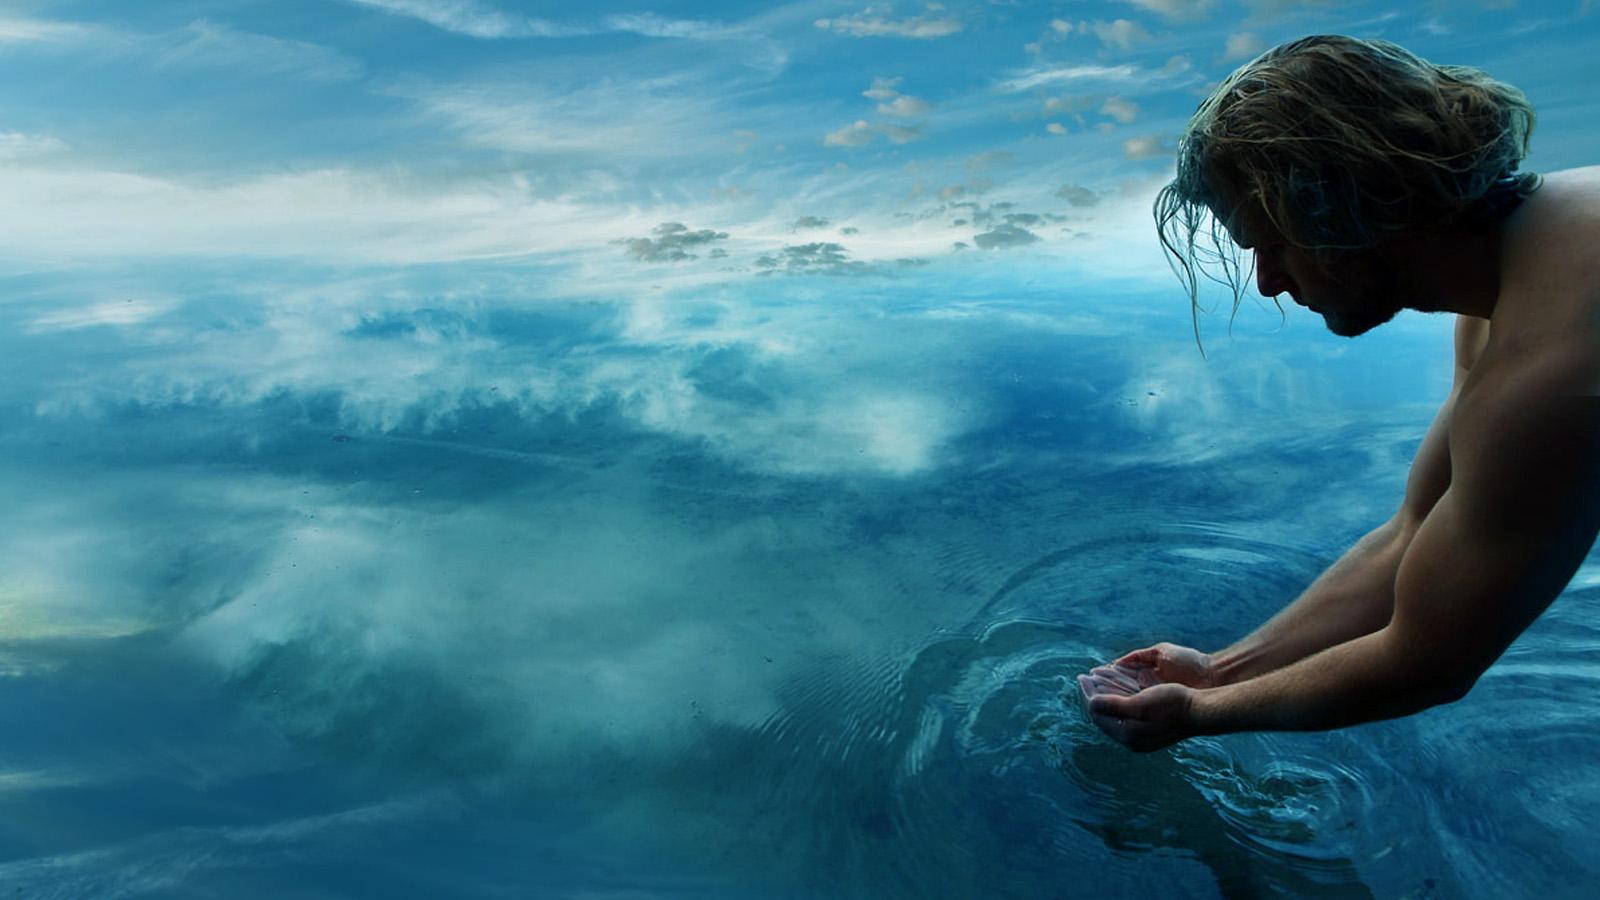 Usuń słowo, a czymże jest woda, czyż nie wodą tylko? Przystąpiło słowo do żywiołu [wody], a stał się sakrament i on sam jest jakby widzialnym słowem